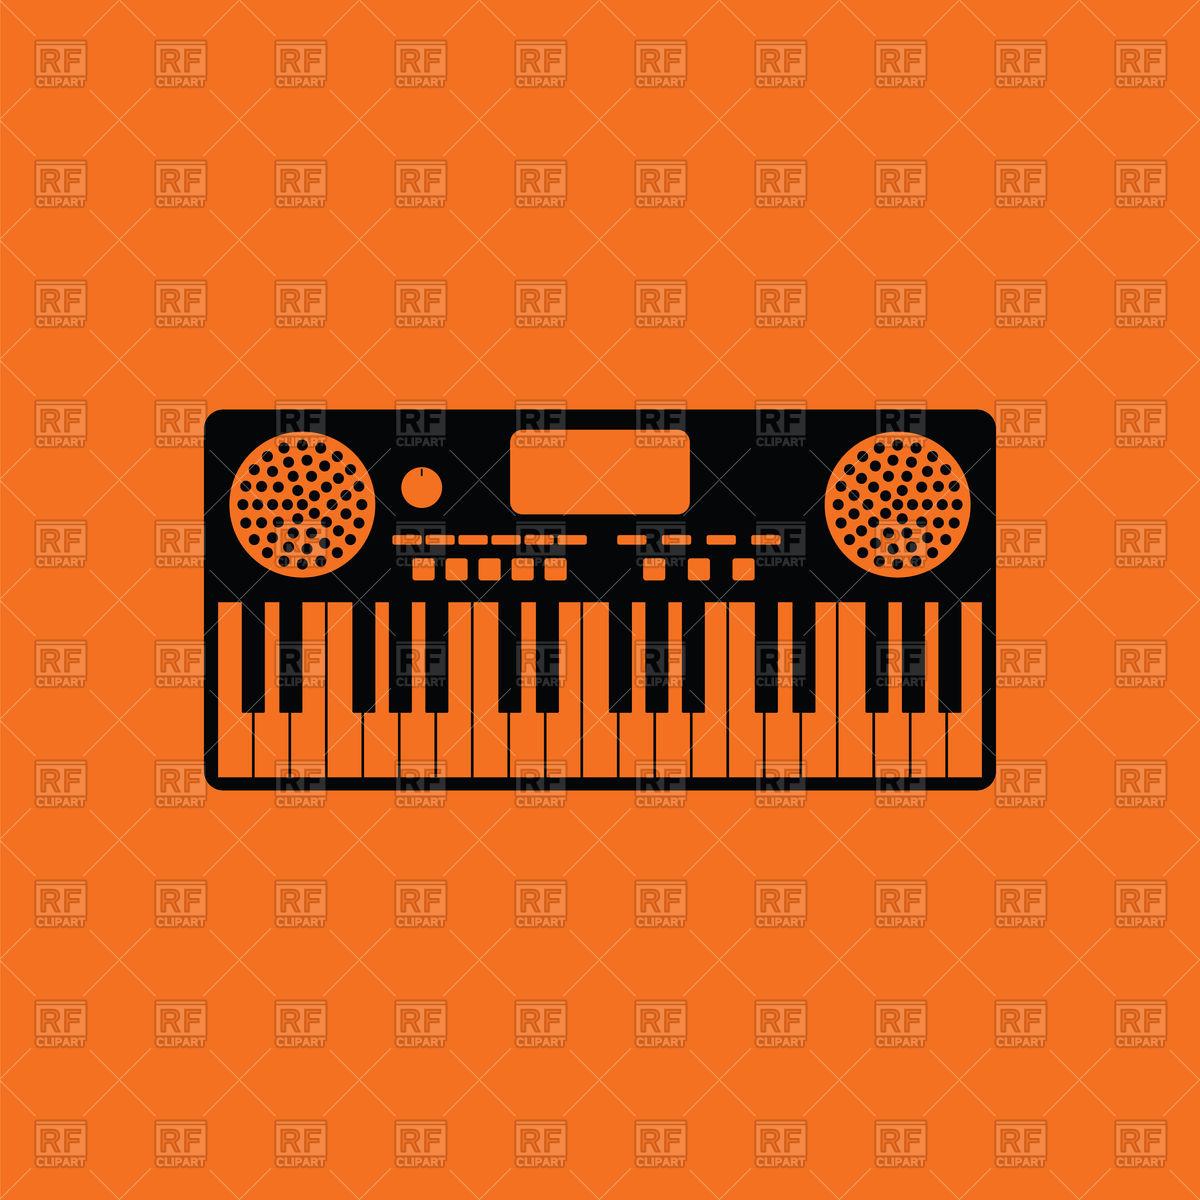 Music synthesizer icon on orange background Vector Image of Music 1200x1200